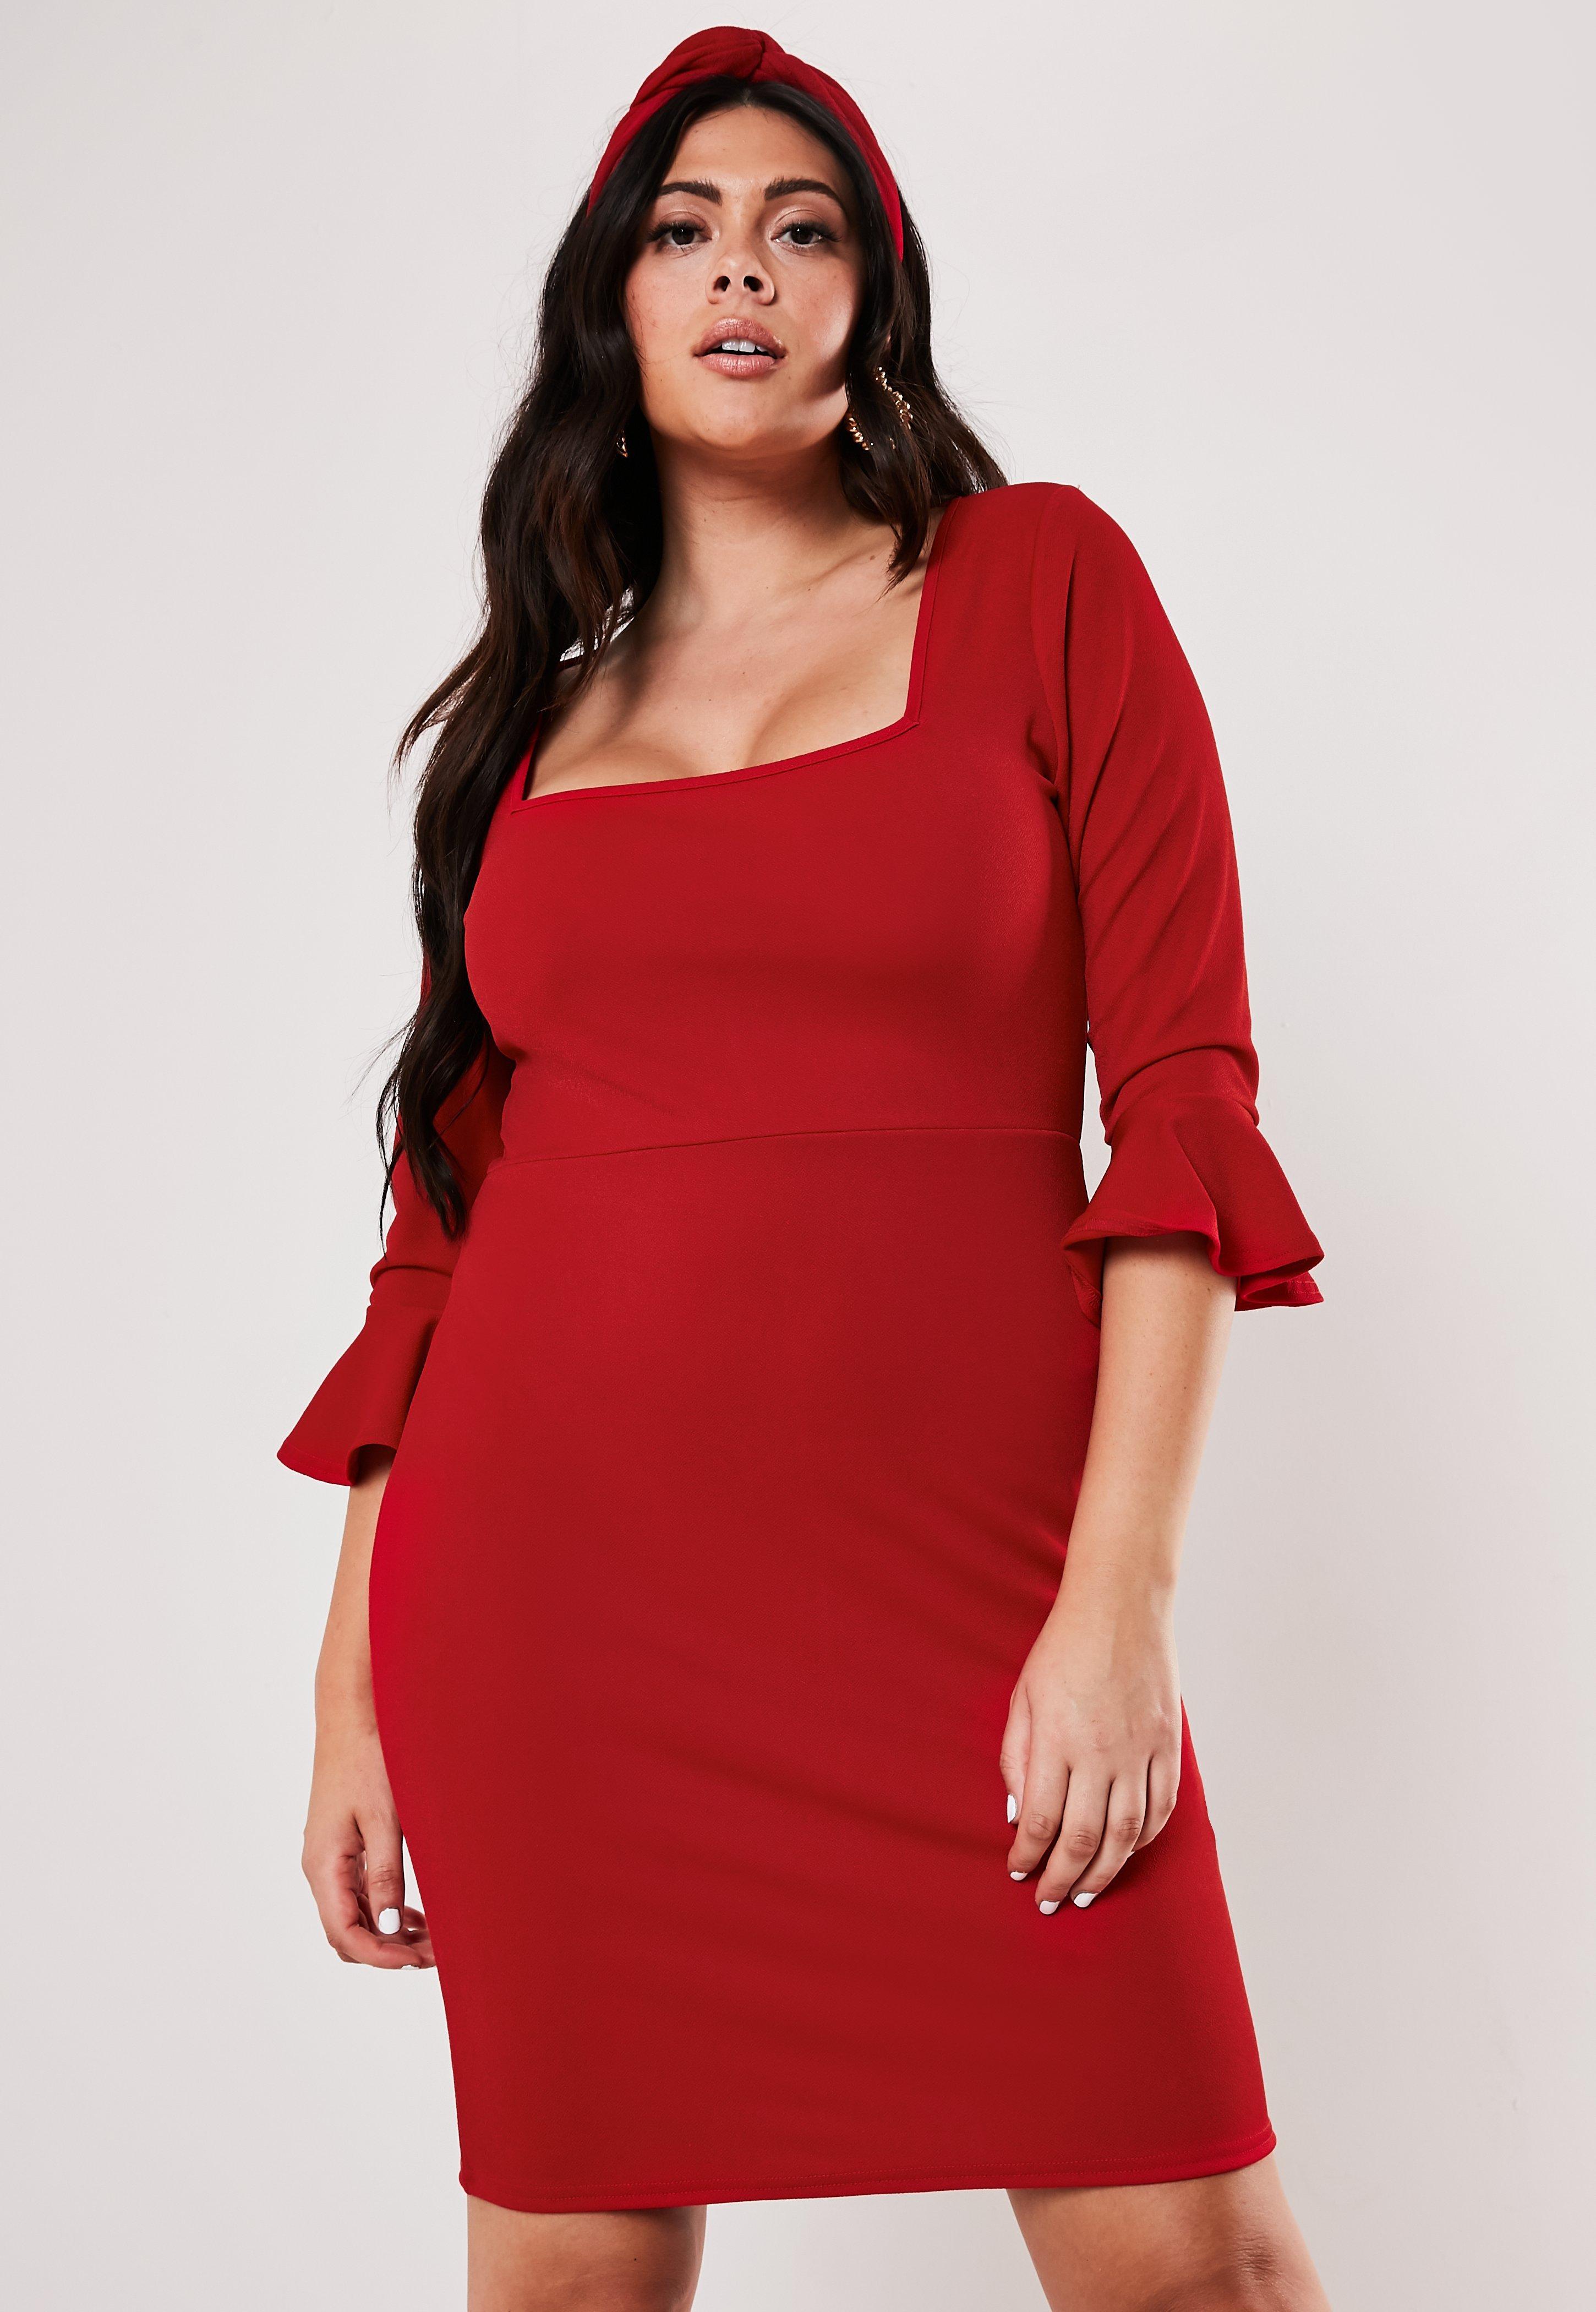 4406bb547a51 Plus Size Dresses UK | Women's Plus Size Dresses | Missguided